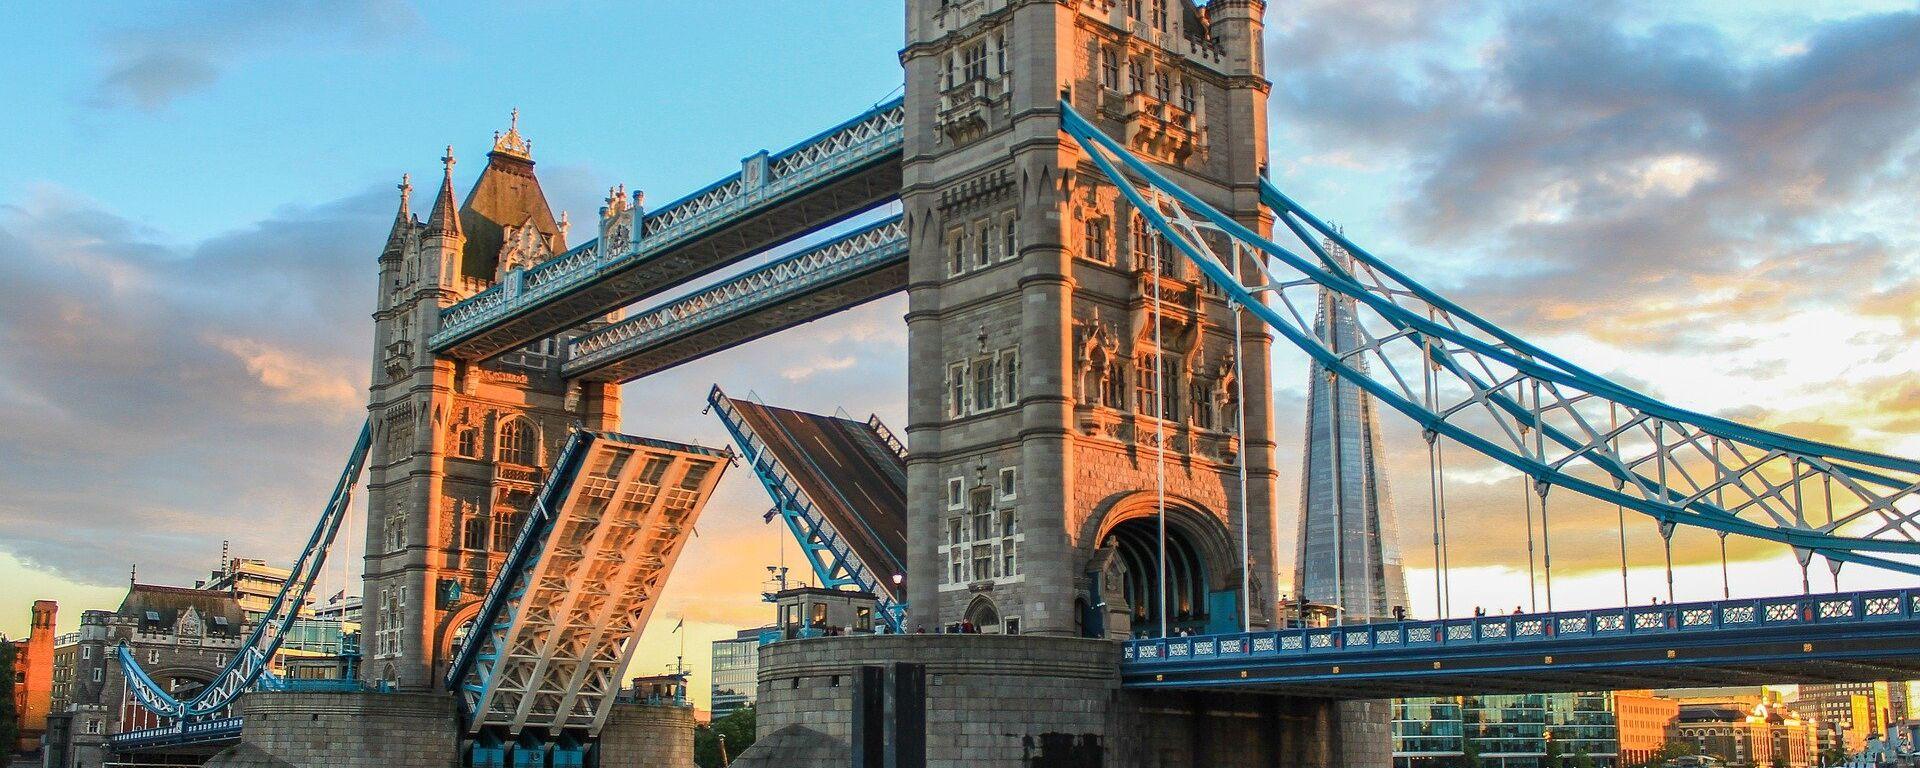 Тауэрский мост в Лондоне - Sputnik Таджикистан, 1920, 15.07.2021